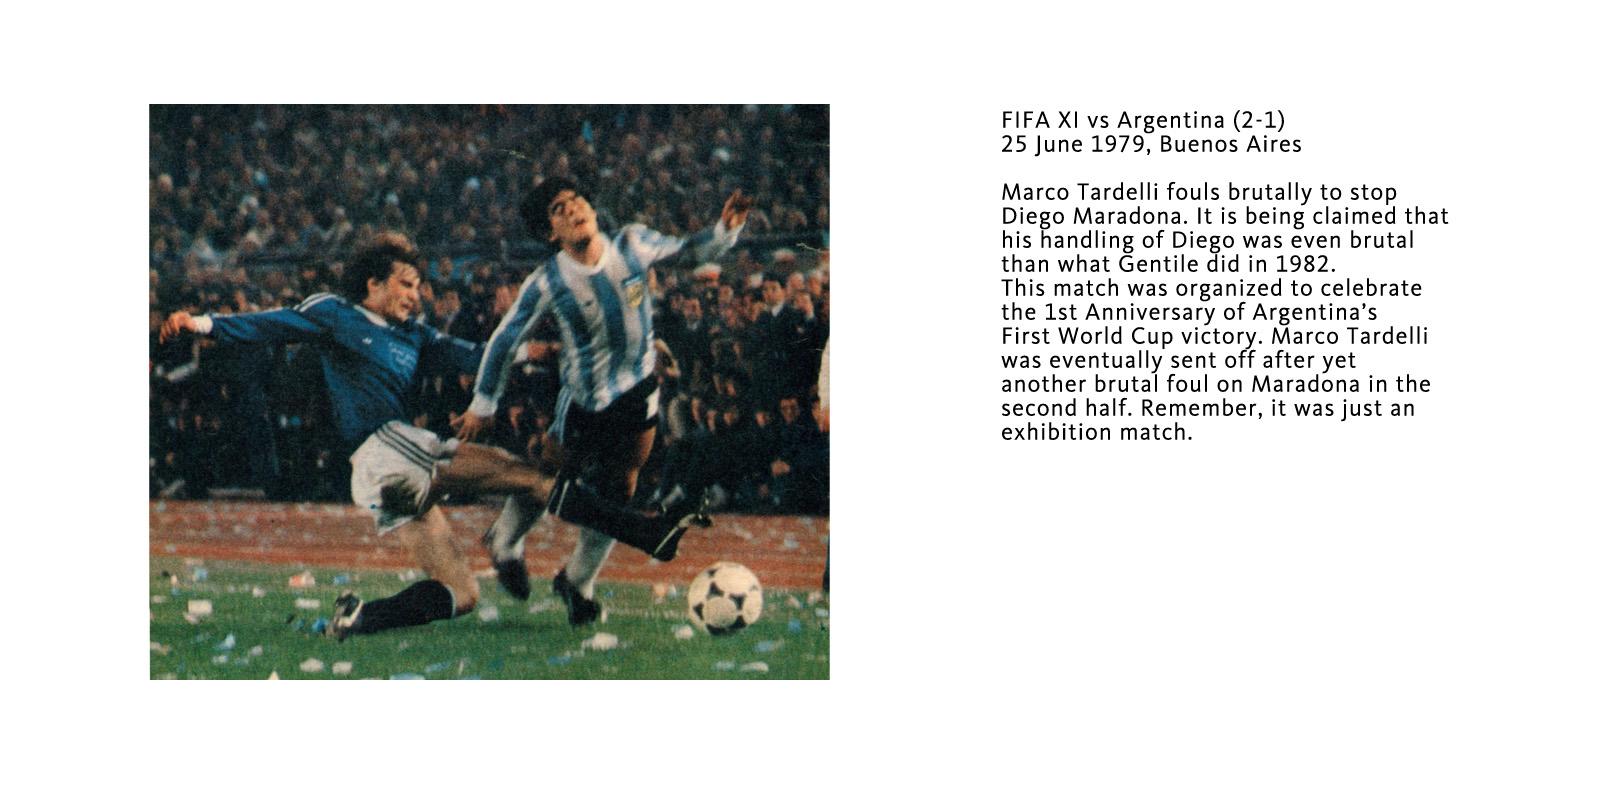 Diego foul